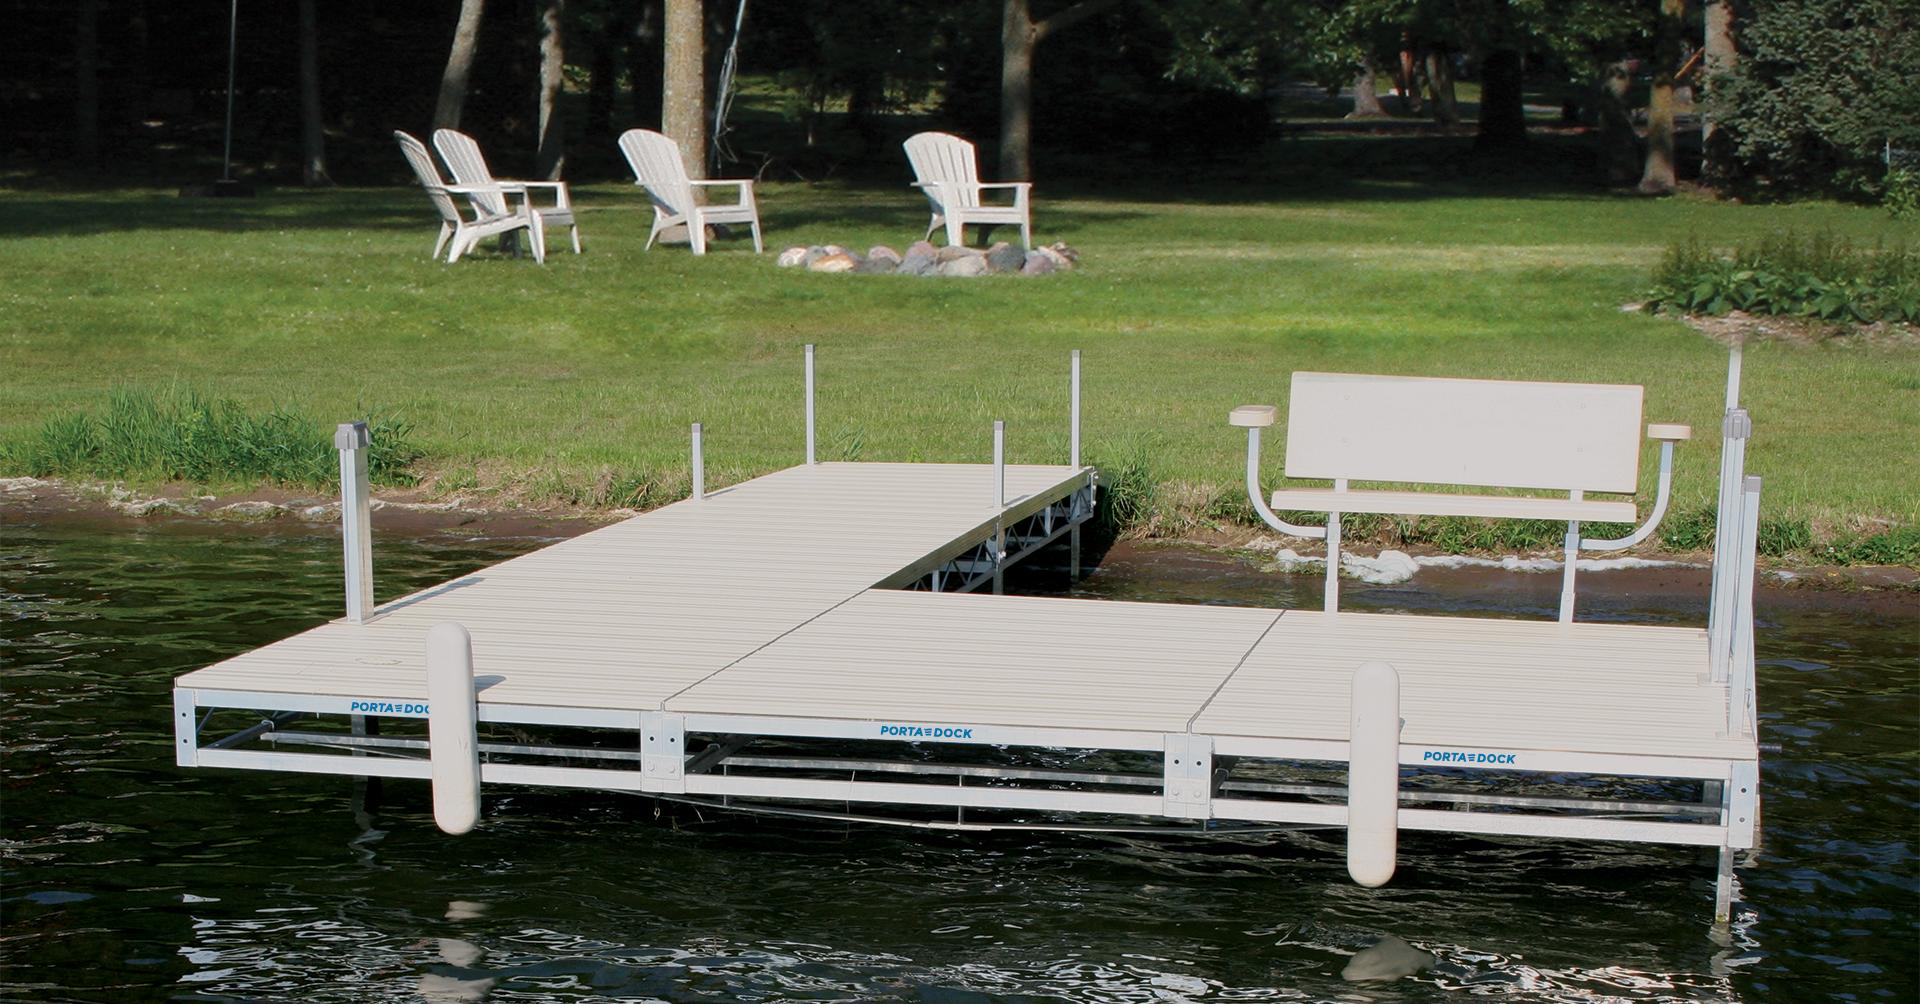 Porta-Dock roll-in dock in the water